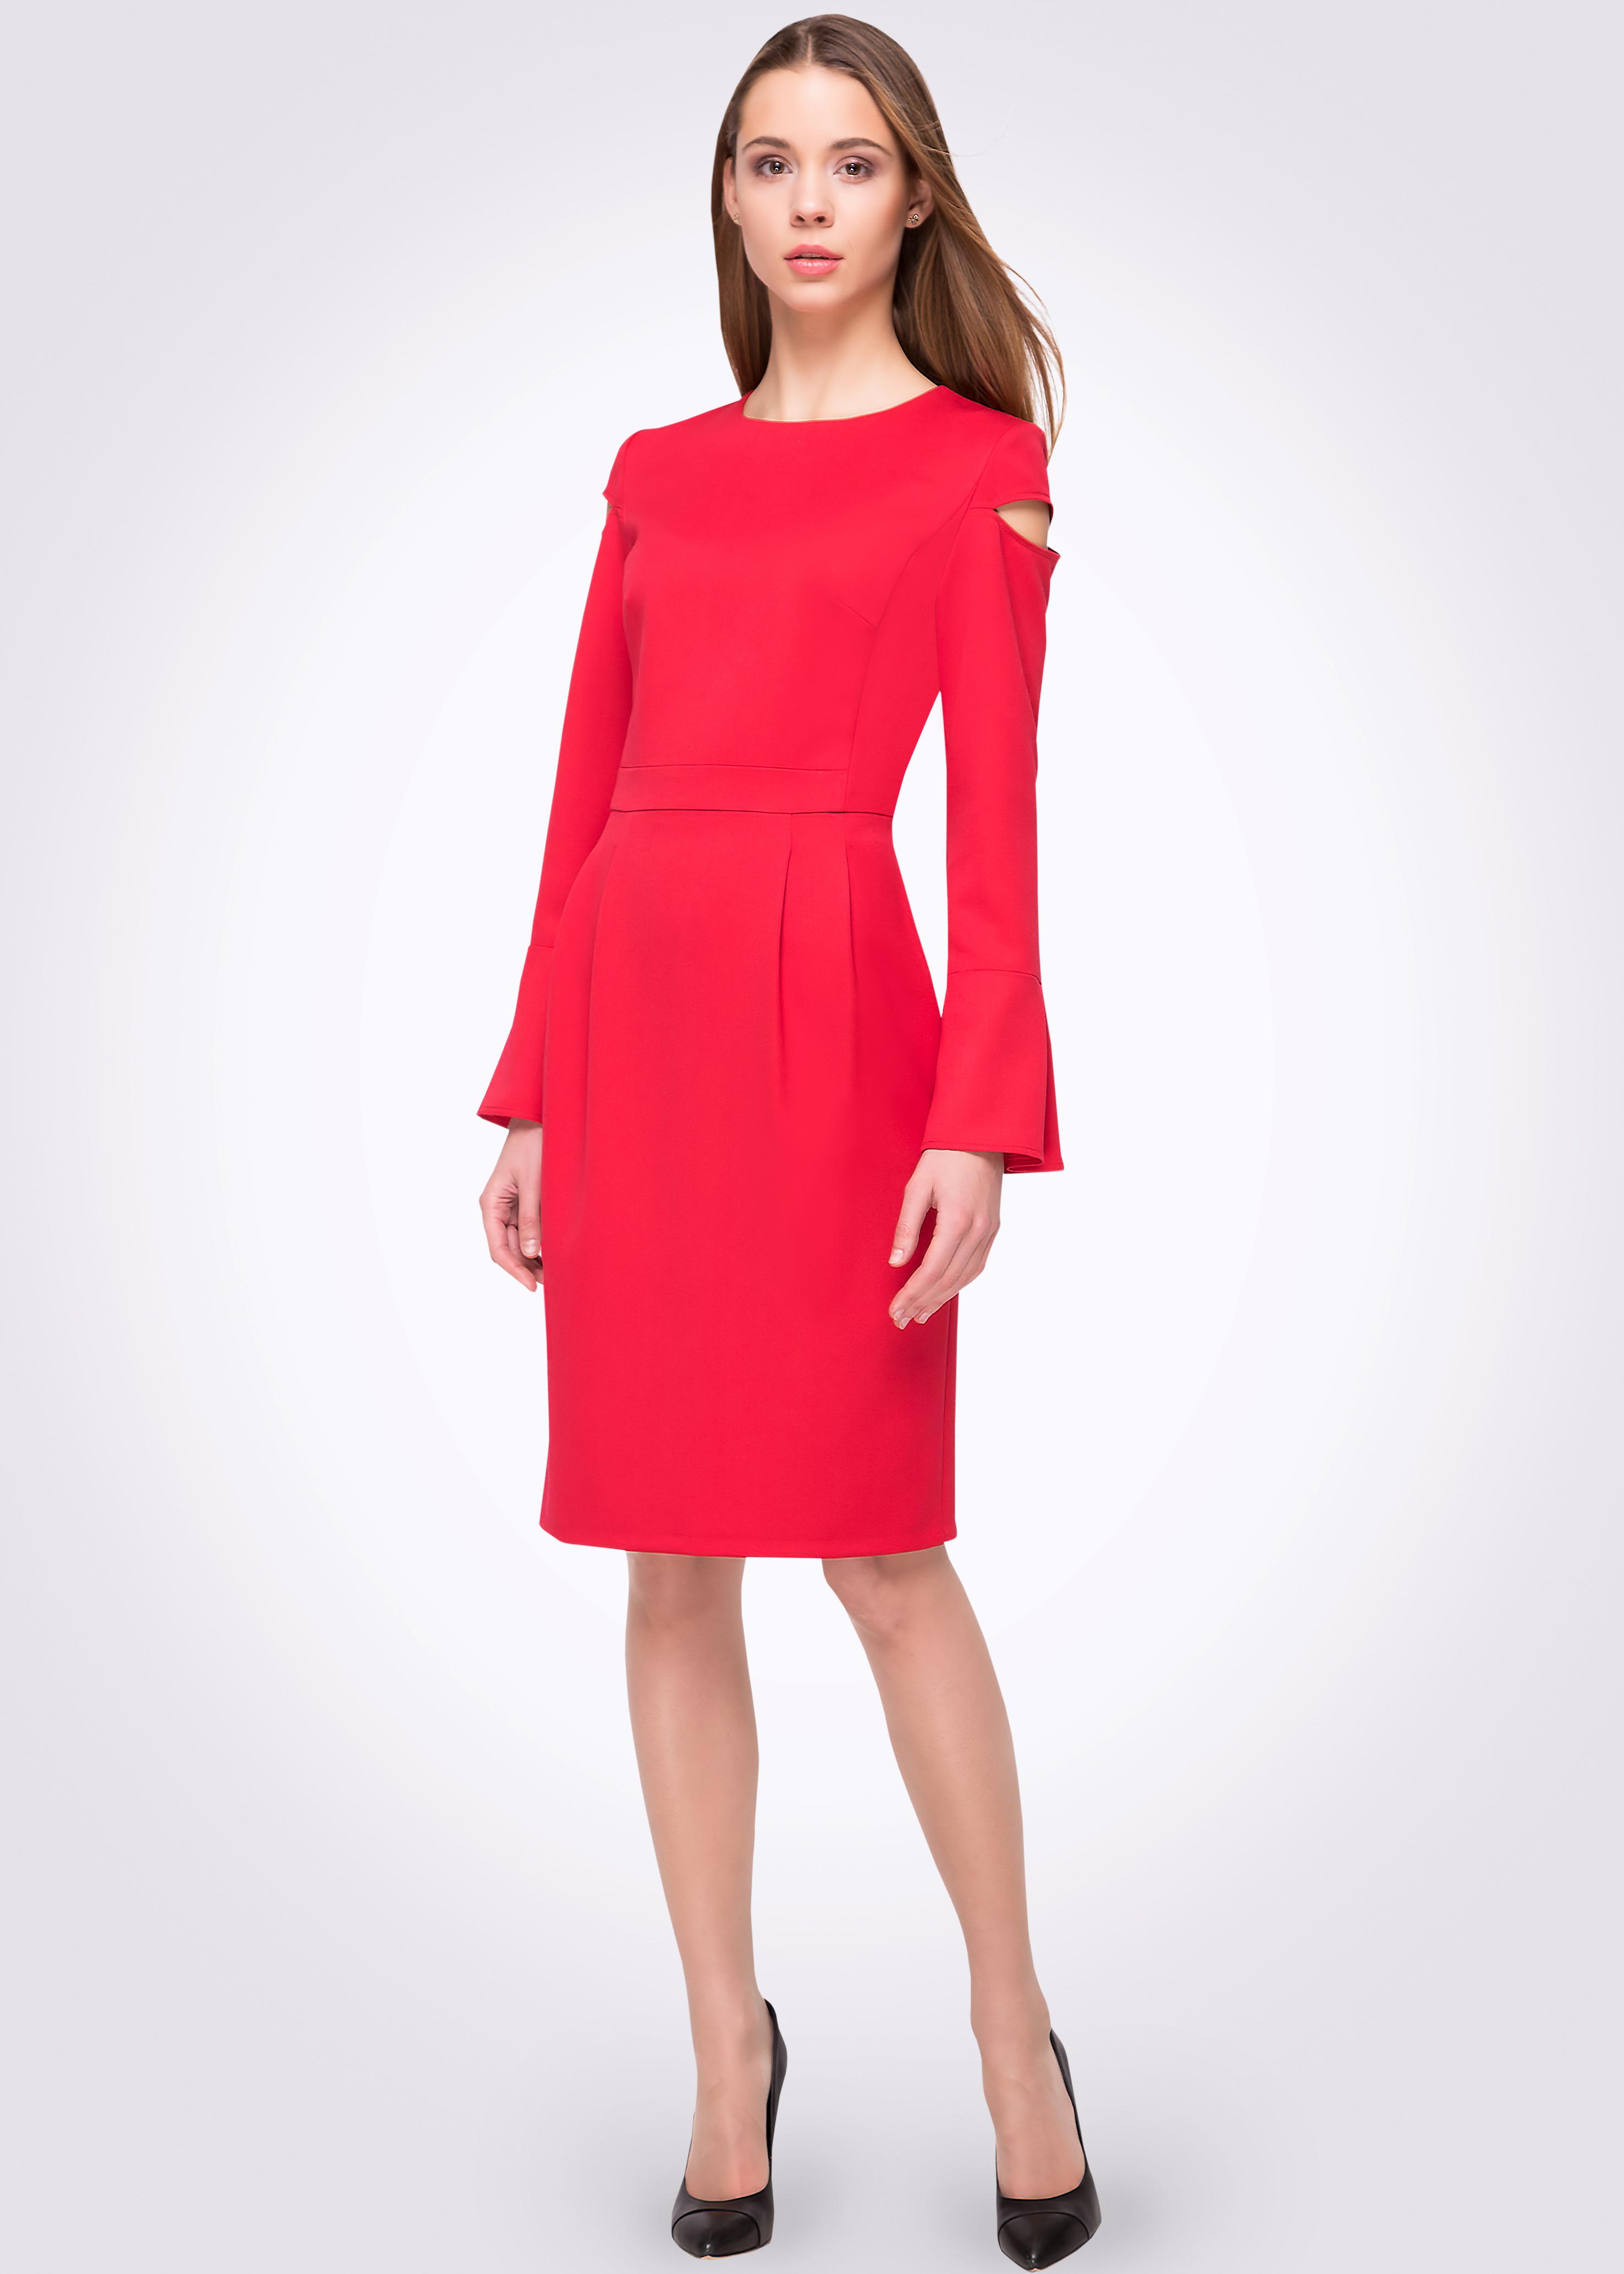 Вечірня сукня - ідеальне доповнення жіночої краси - CAT ORANGE ... 2a5b5afbf67ca